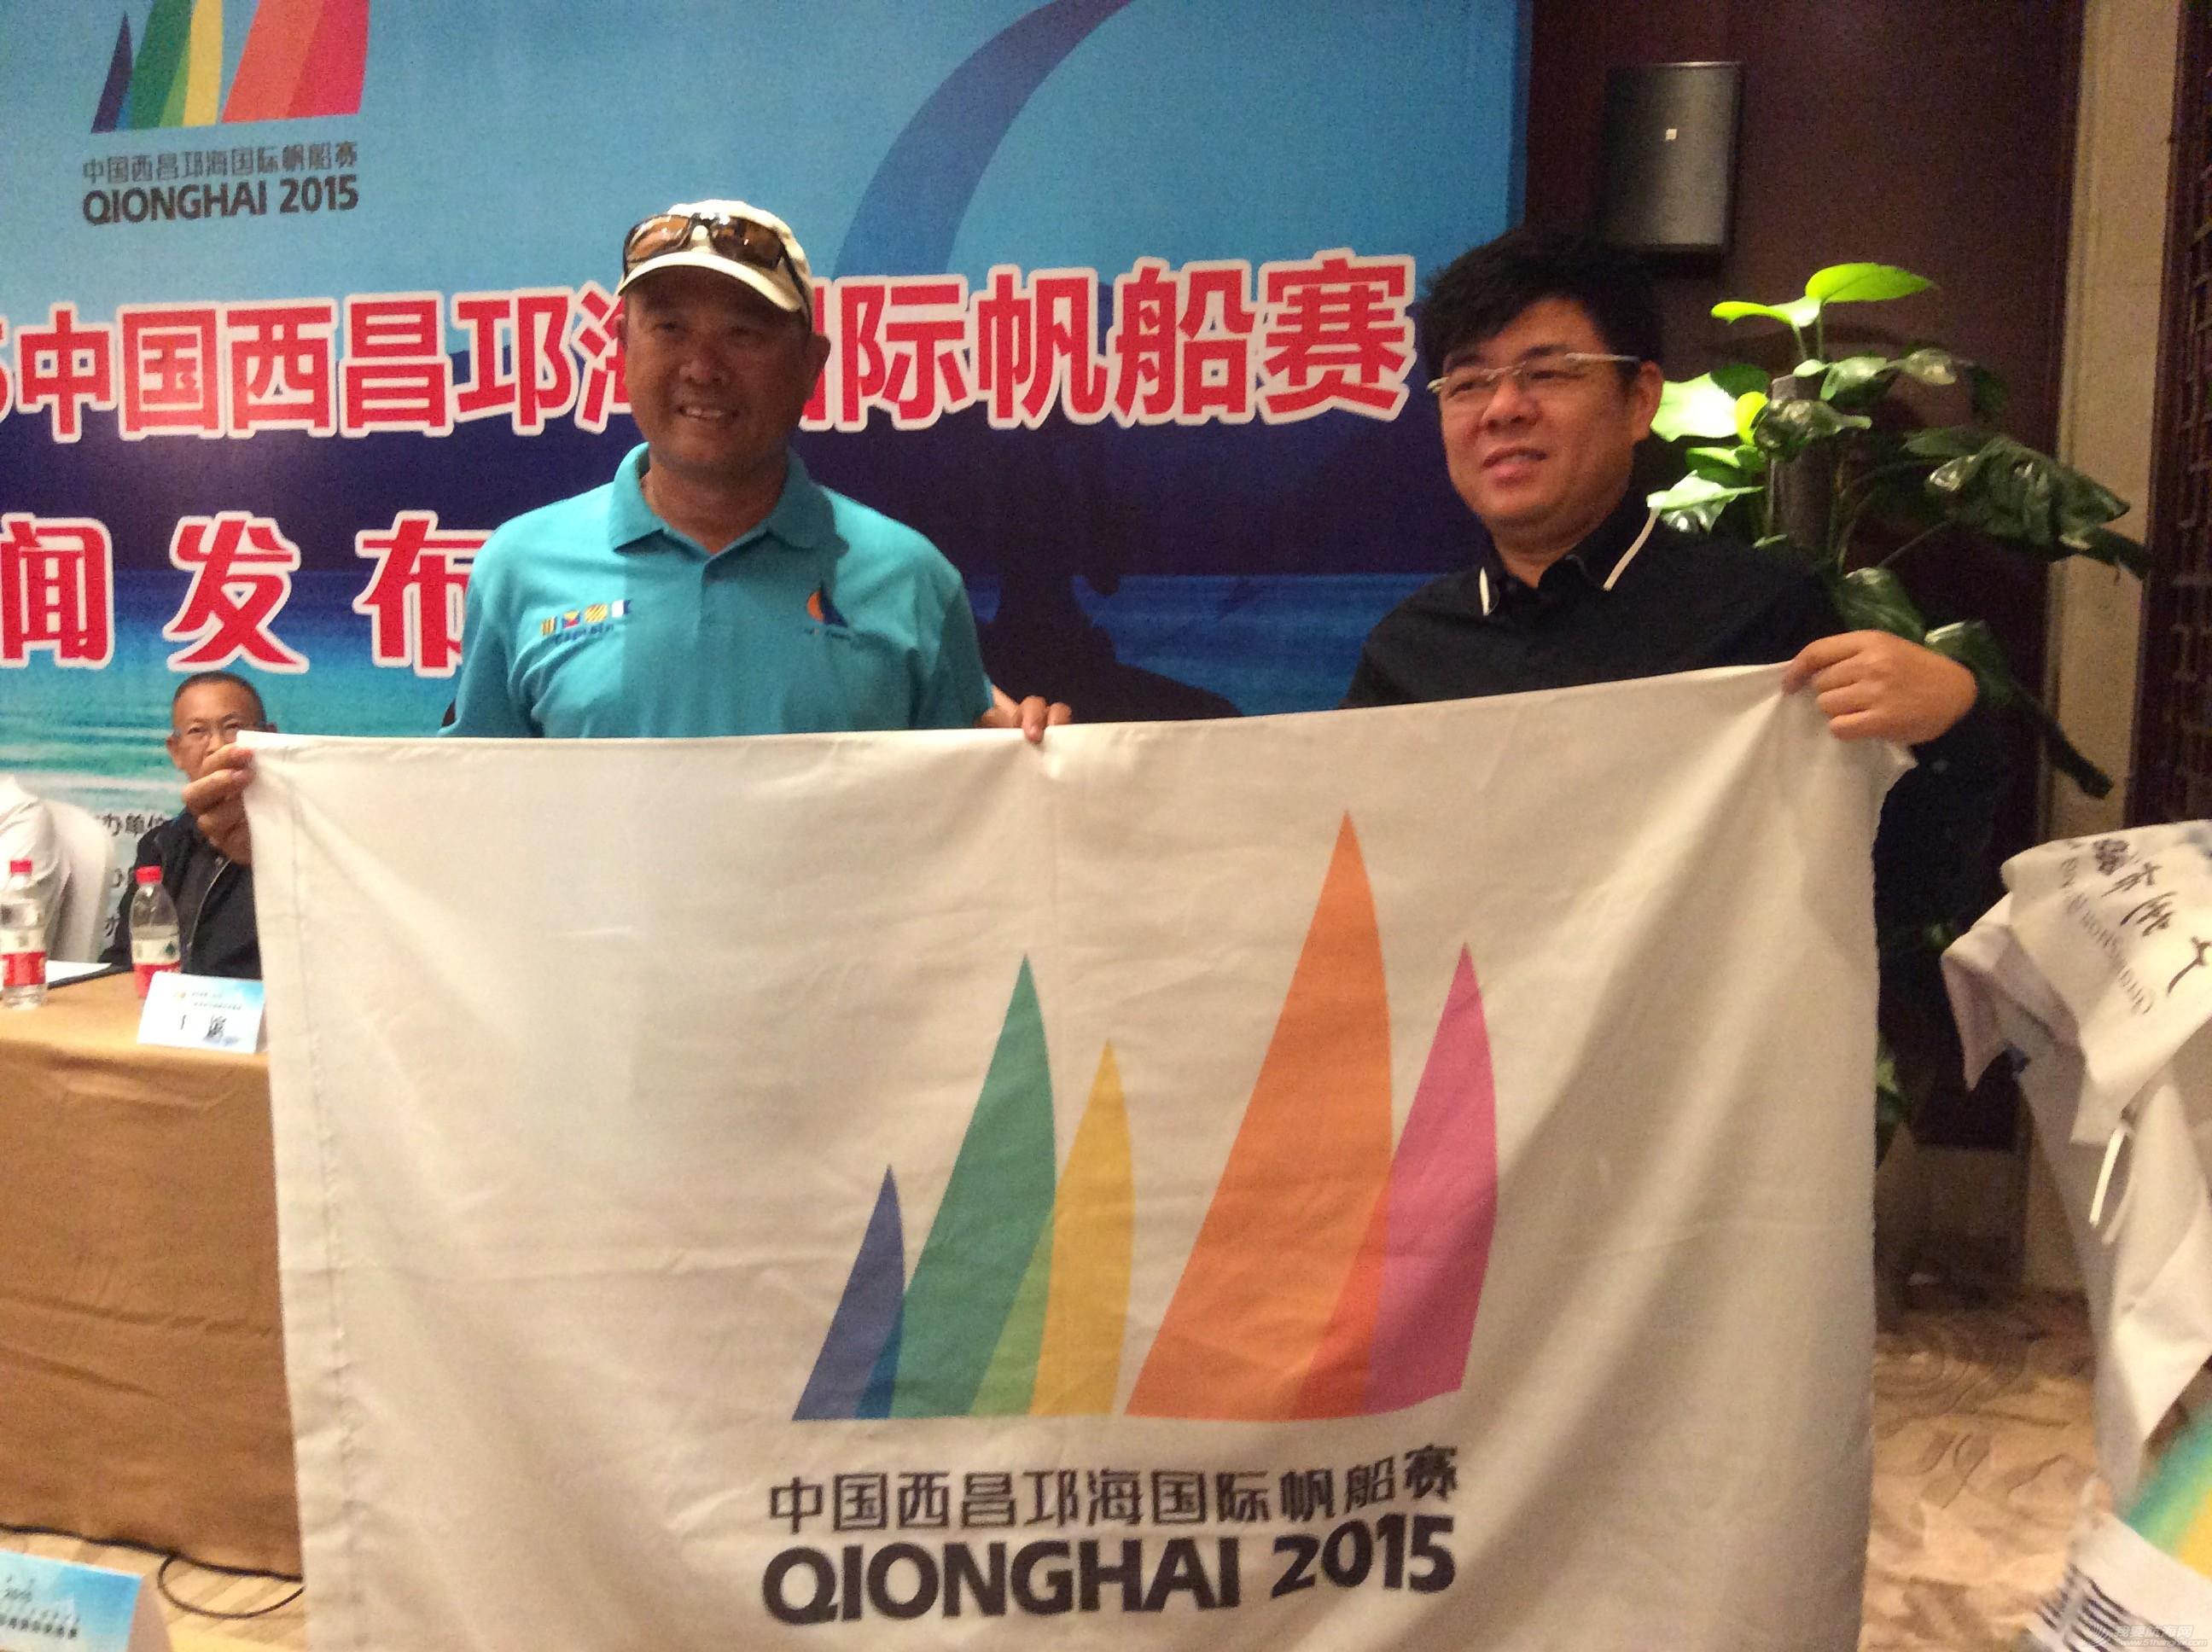 中国,四川,西昌,帆船,国际 四川也能跑帆船——中国西昌2015邛海国际帆船赛开赛在即